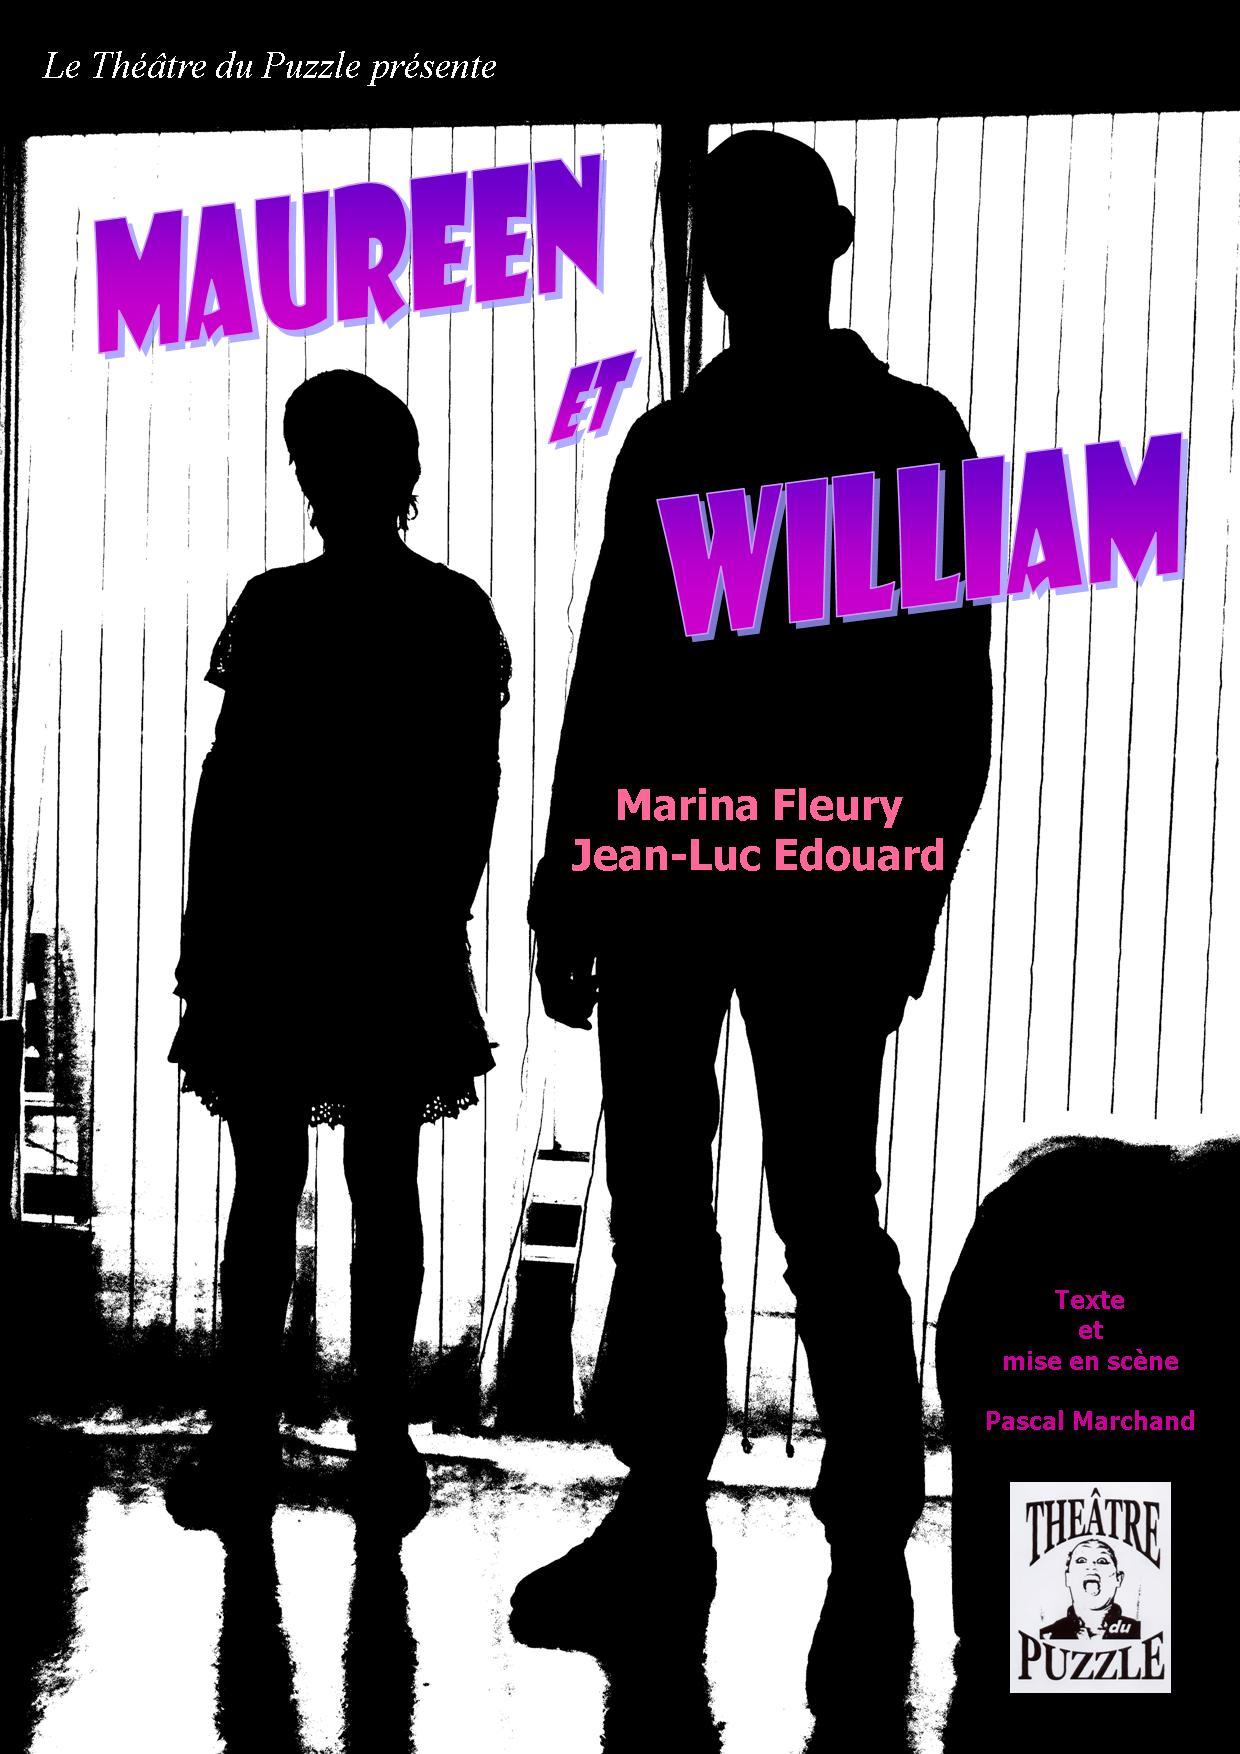 Maureen et William 04.jpg